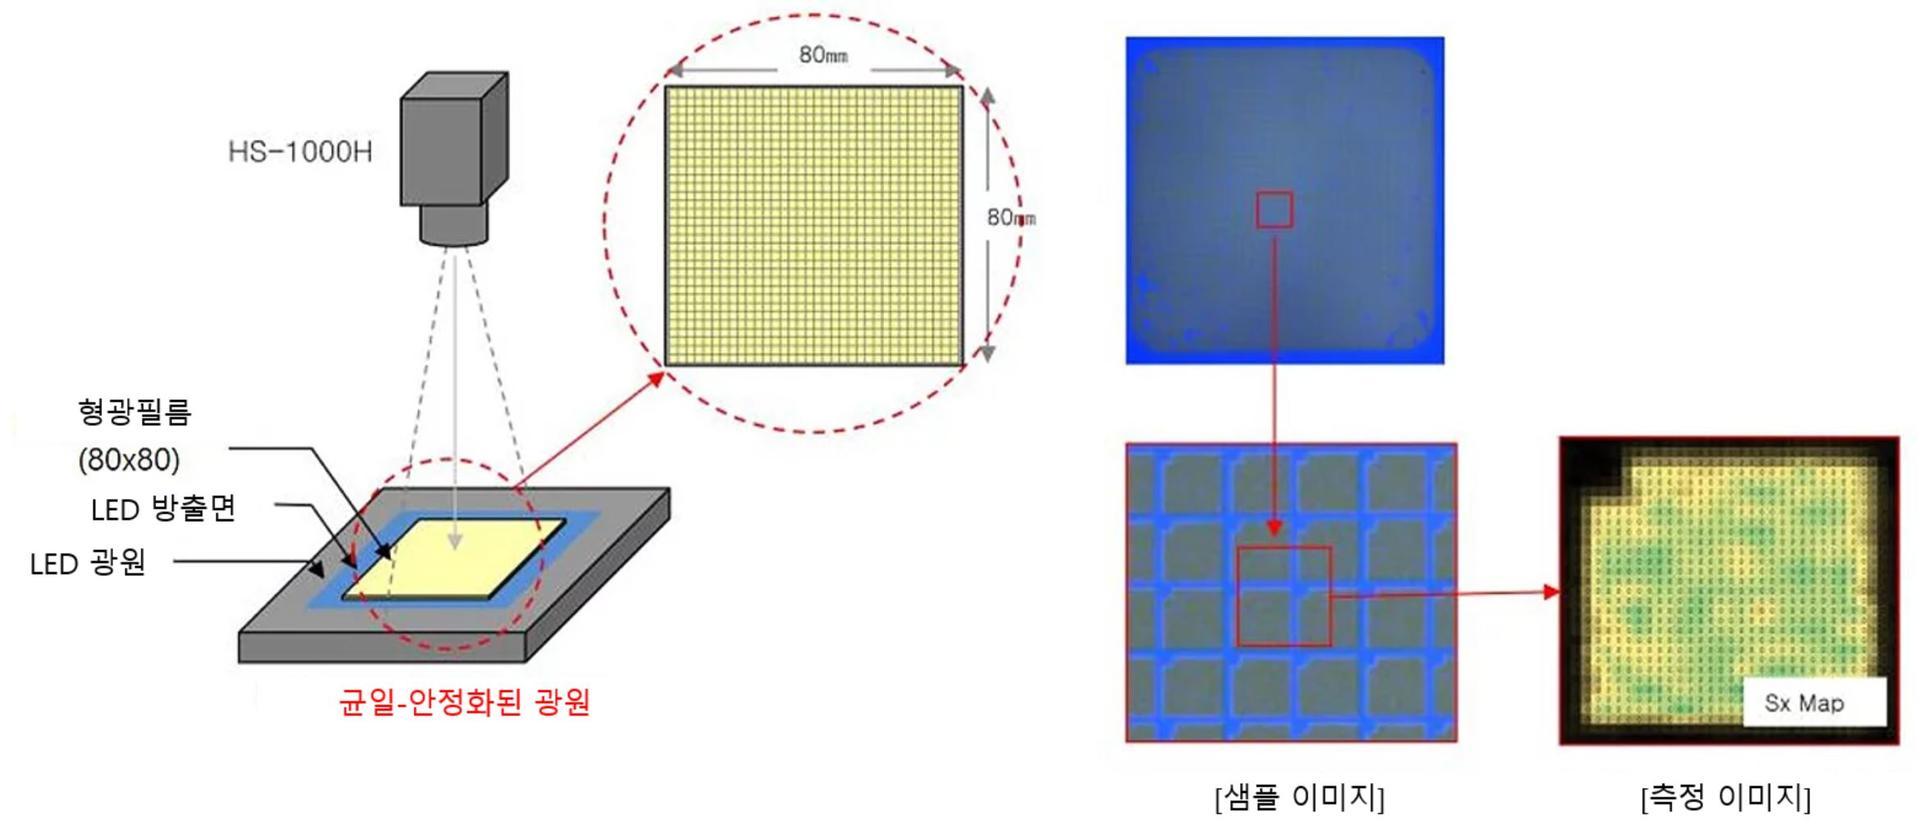 HS-1000H 샘플이미지와 측정이미지